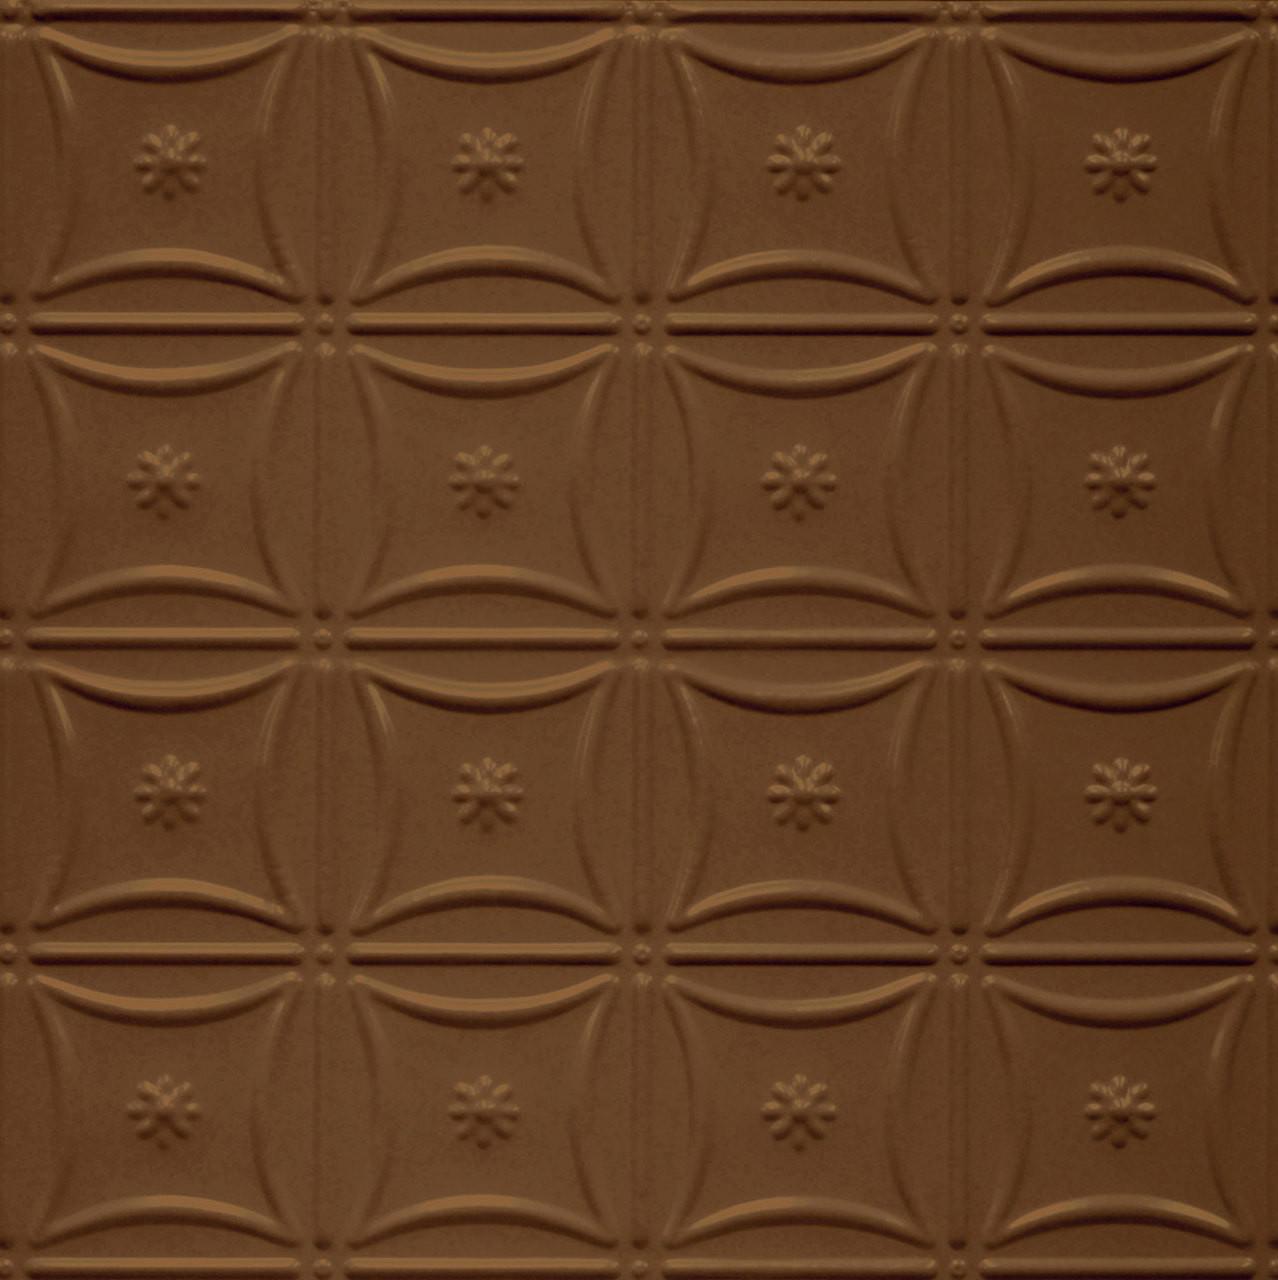 Shanko ceiling tiles